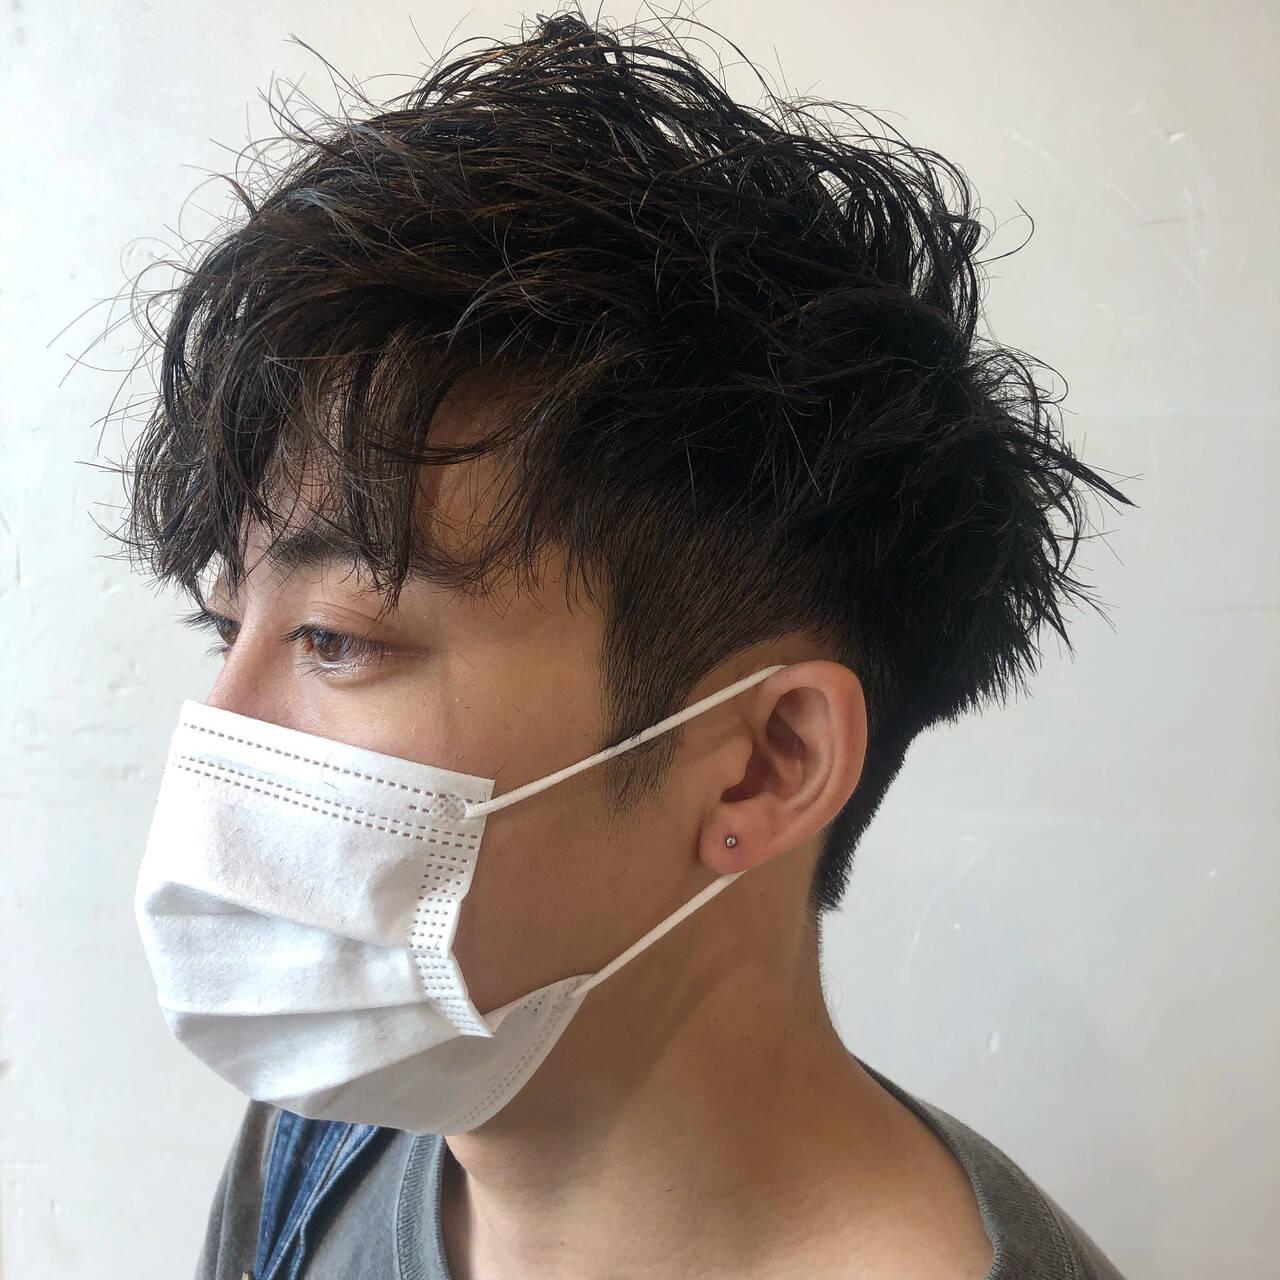 メンズヘア ストリート スパイラルパーマ ツイストヘアスタイルや髪型の写真・画像